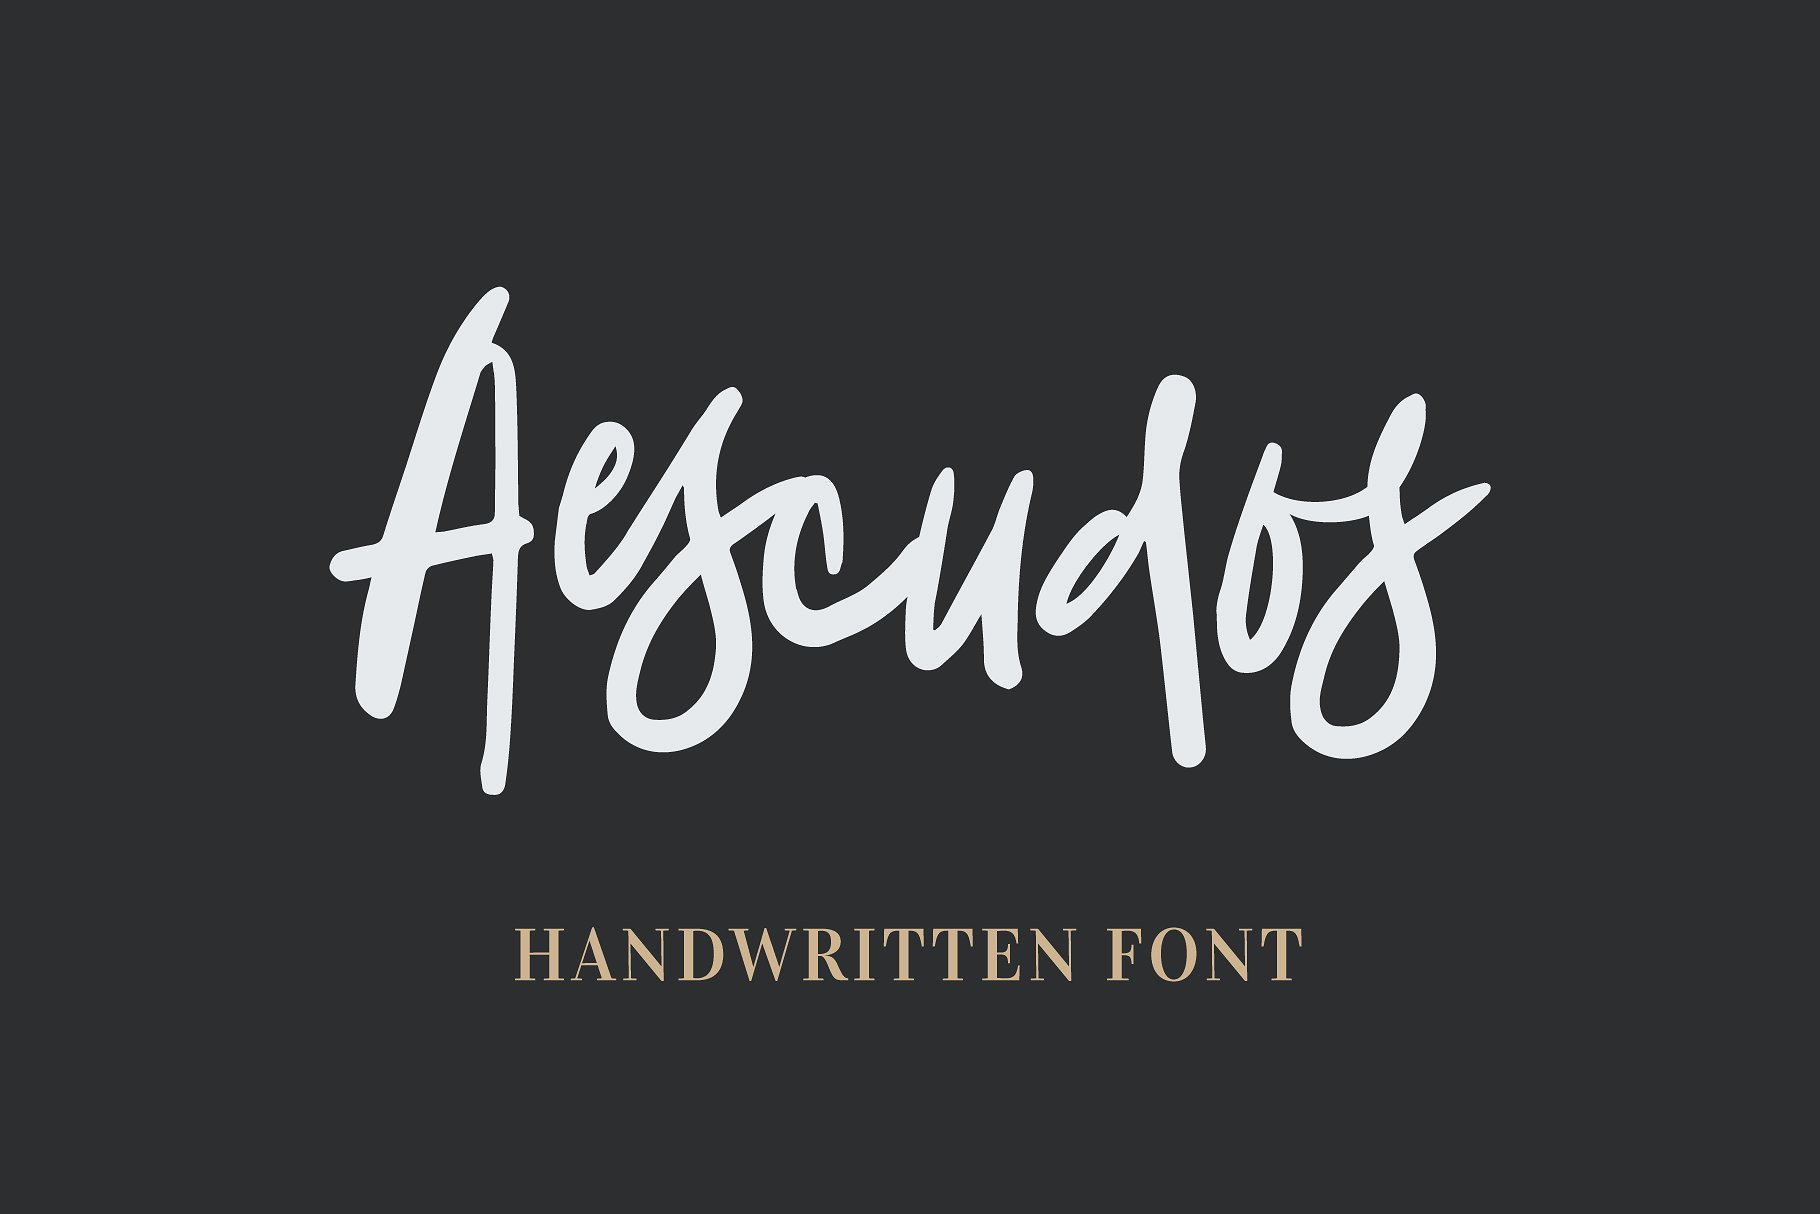 Aescudos